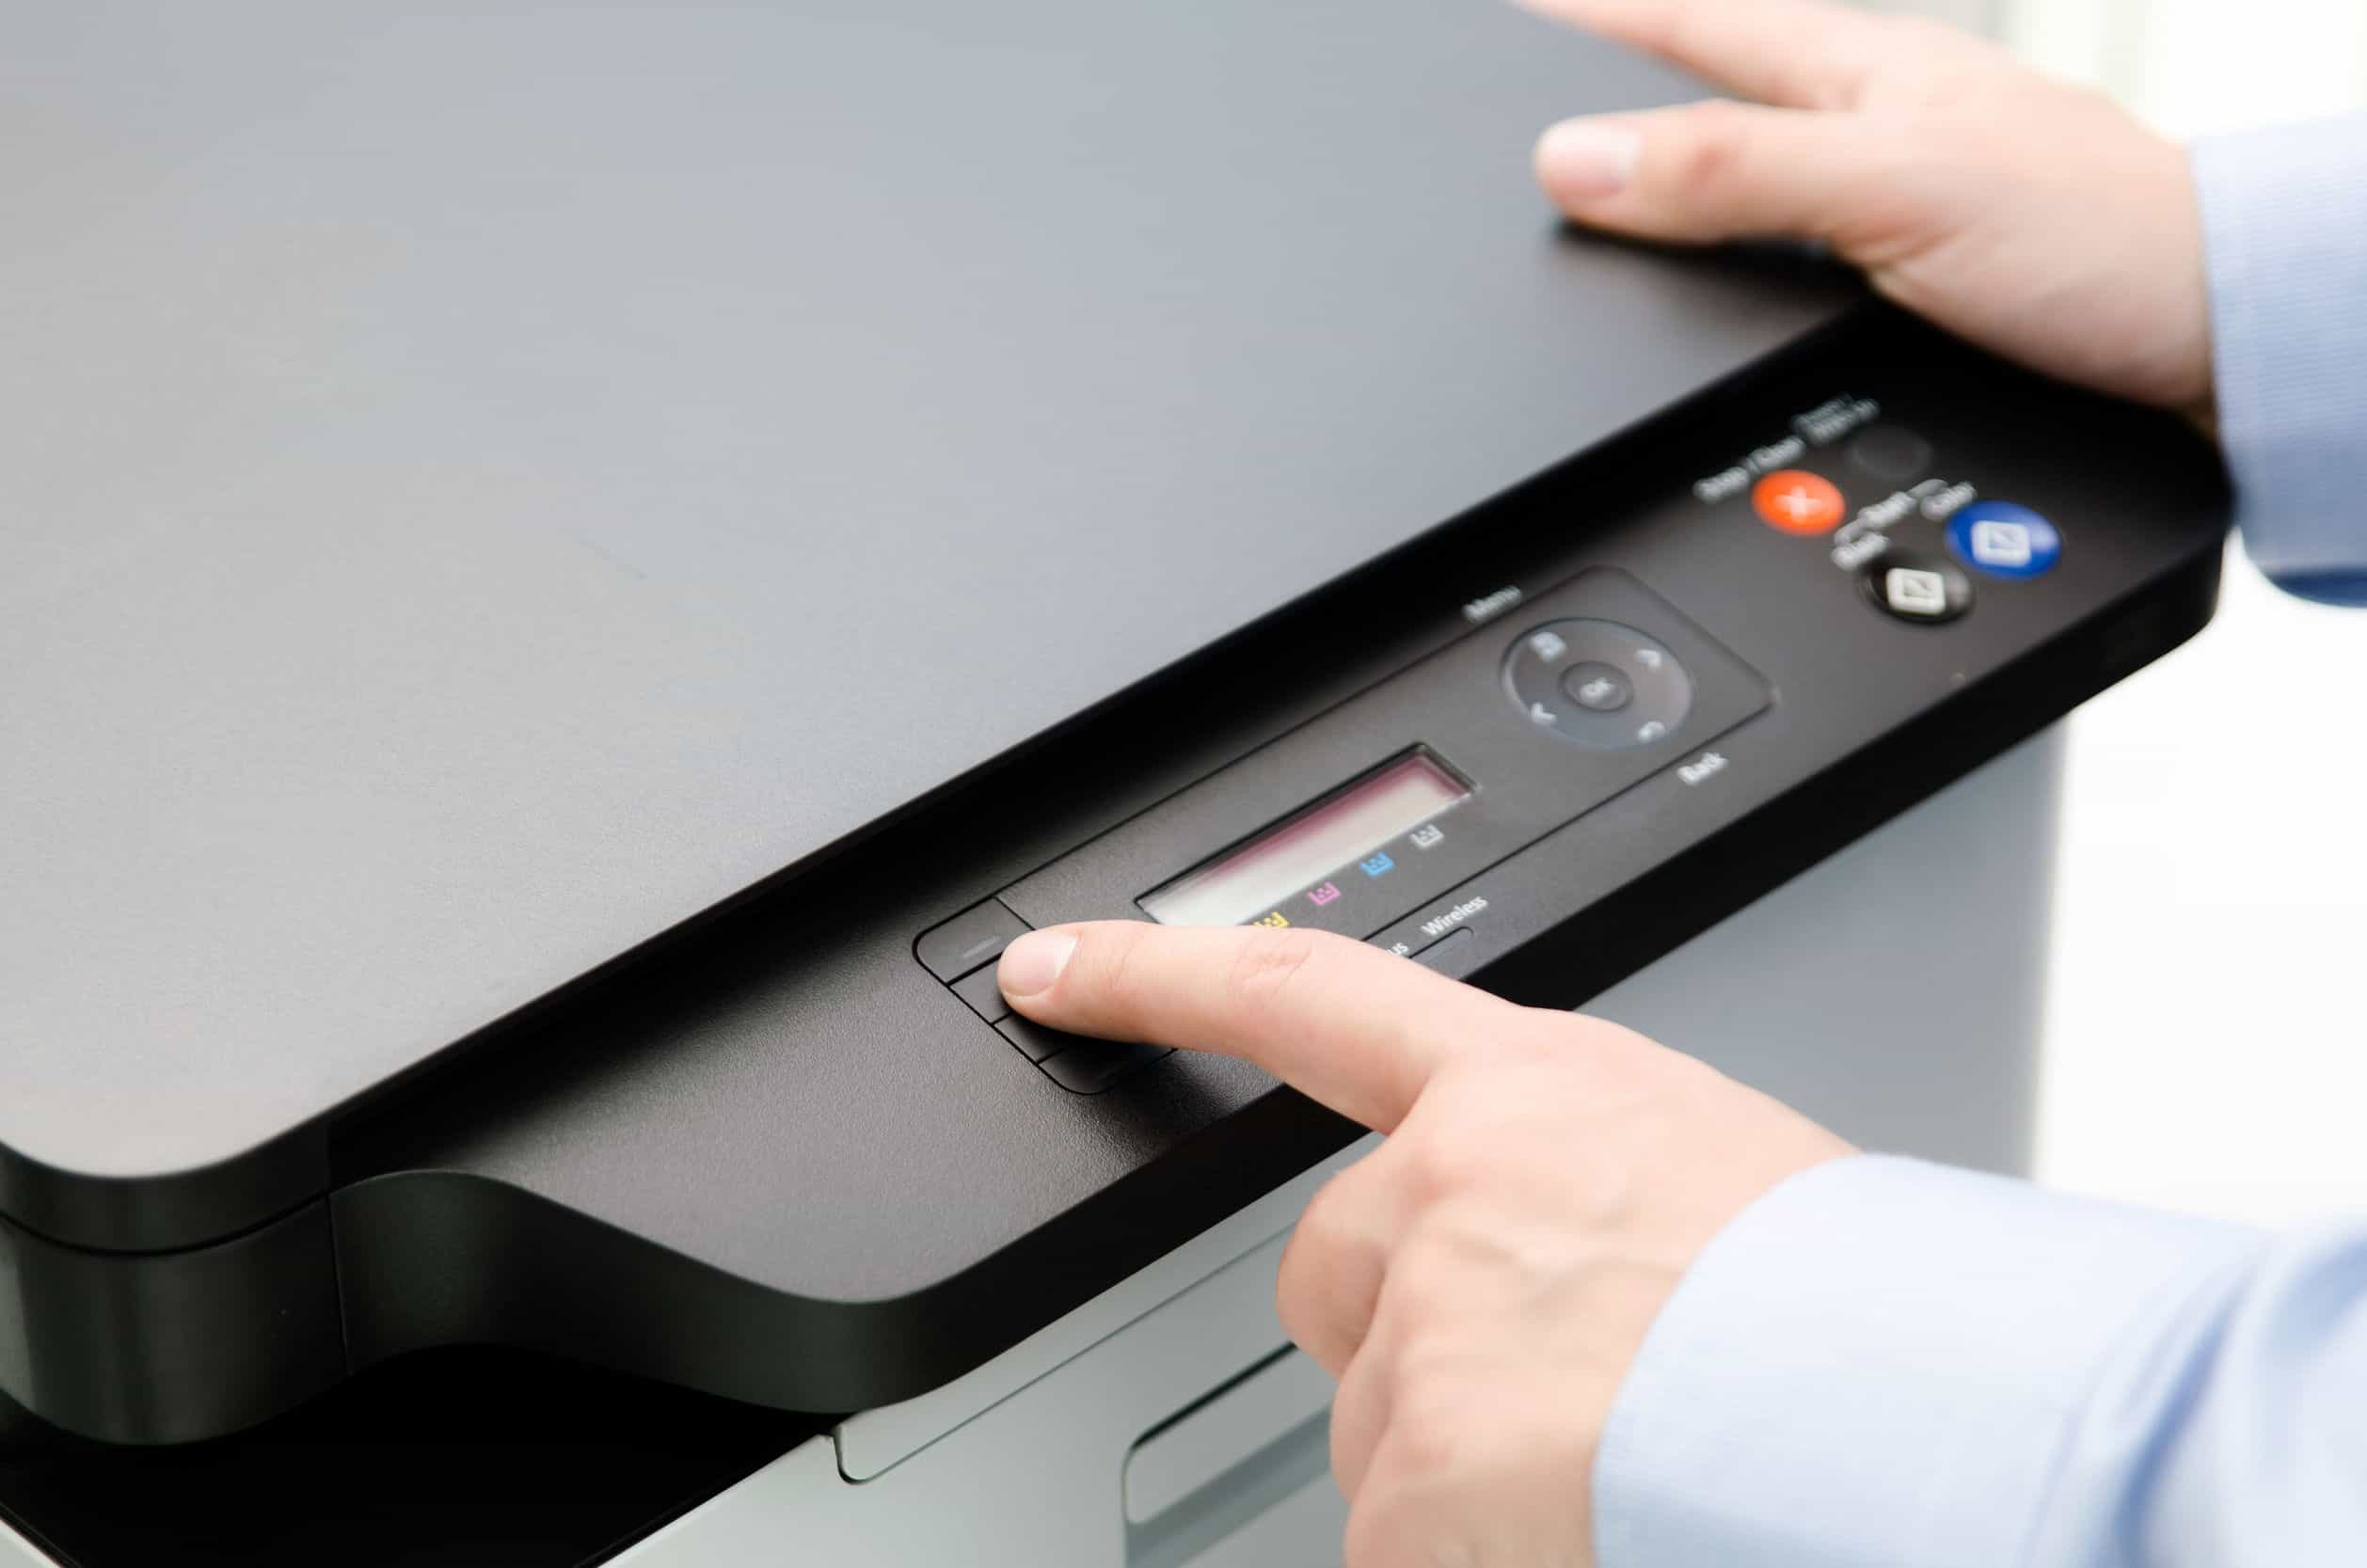 Impresora Epson: ¿Cuál es la mejor del 2021?